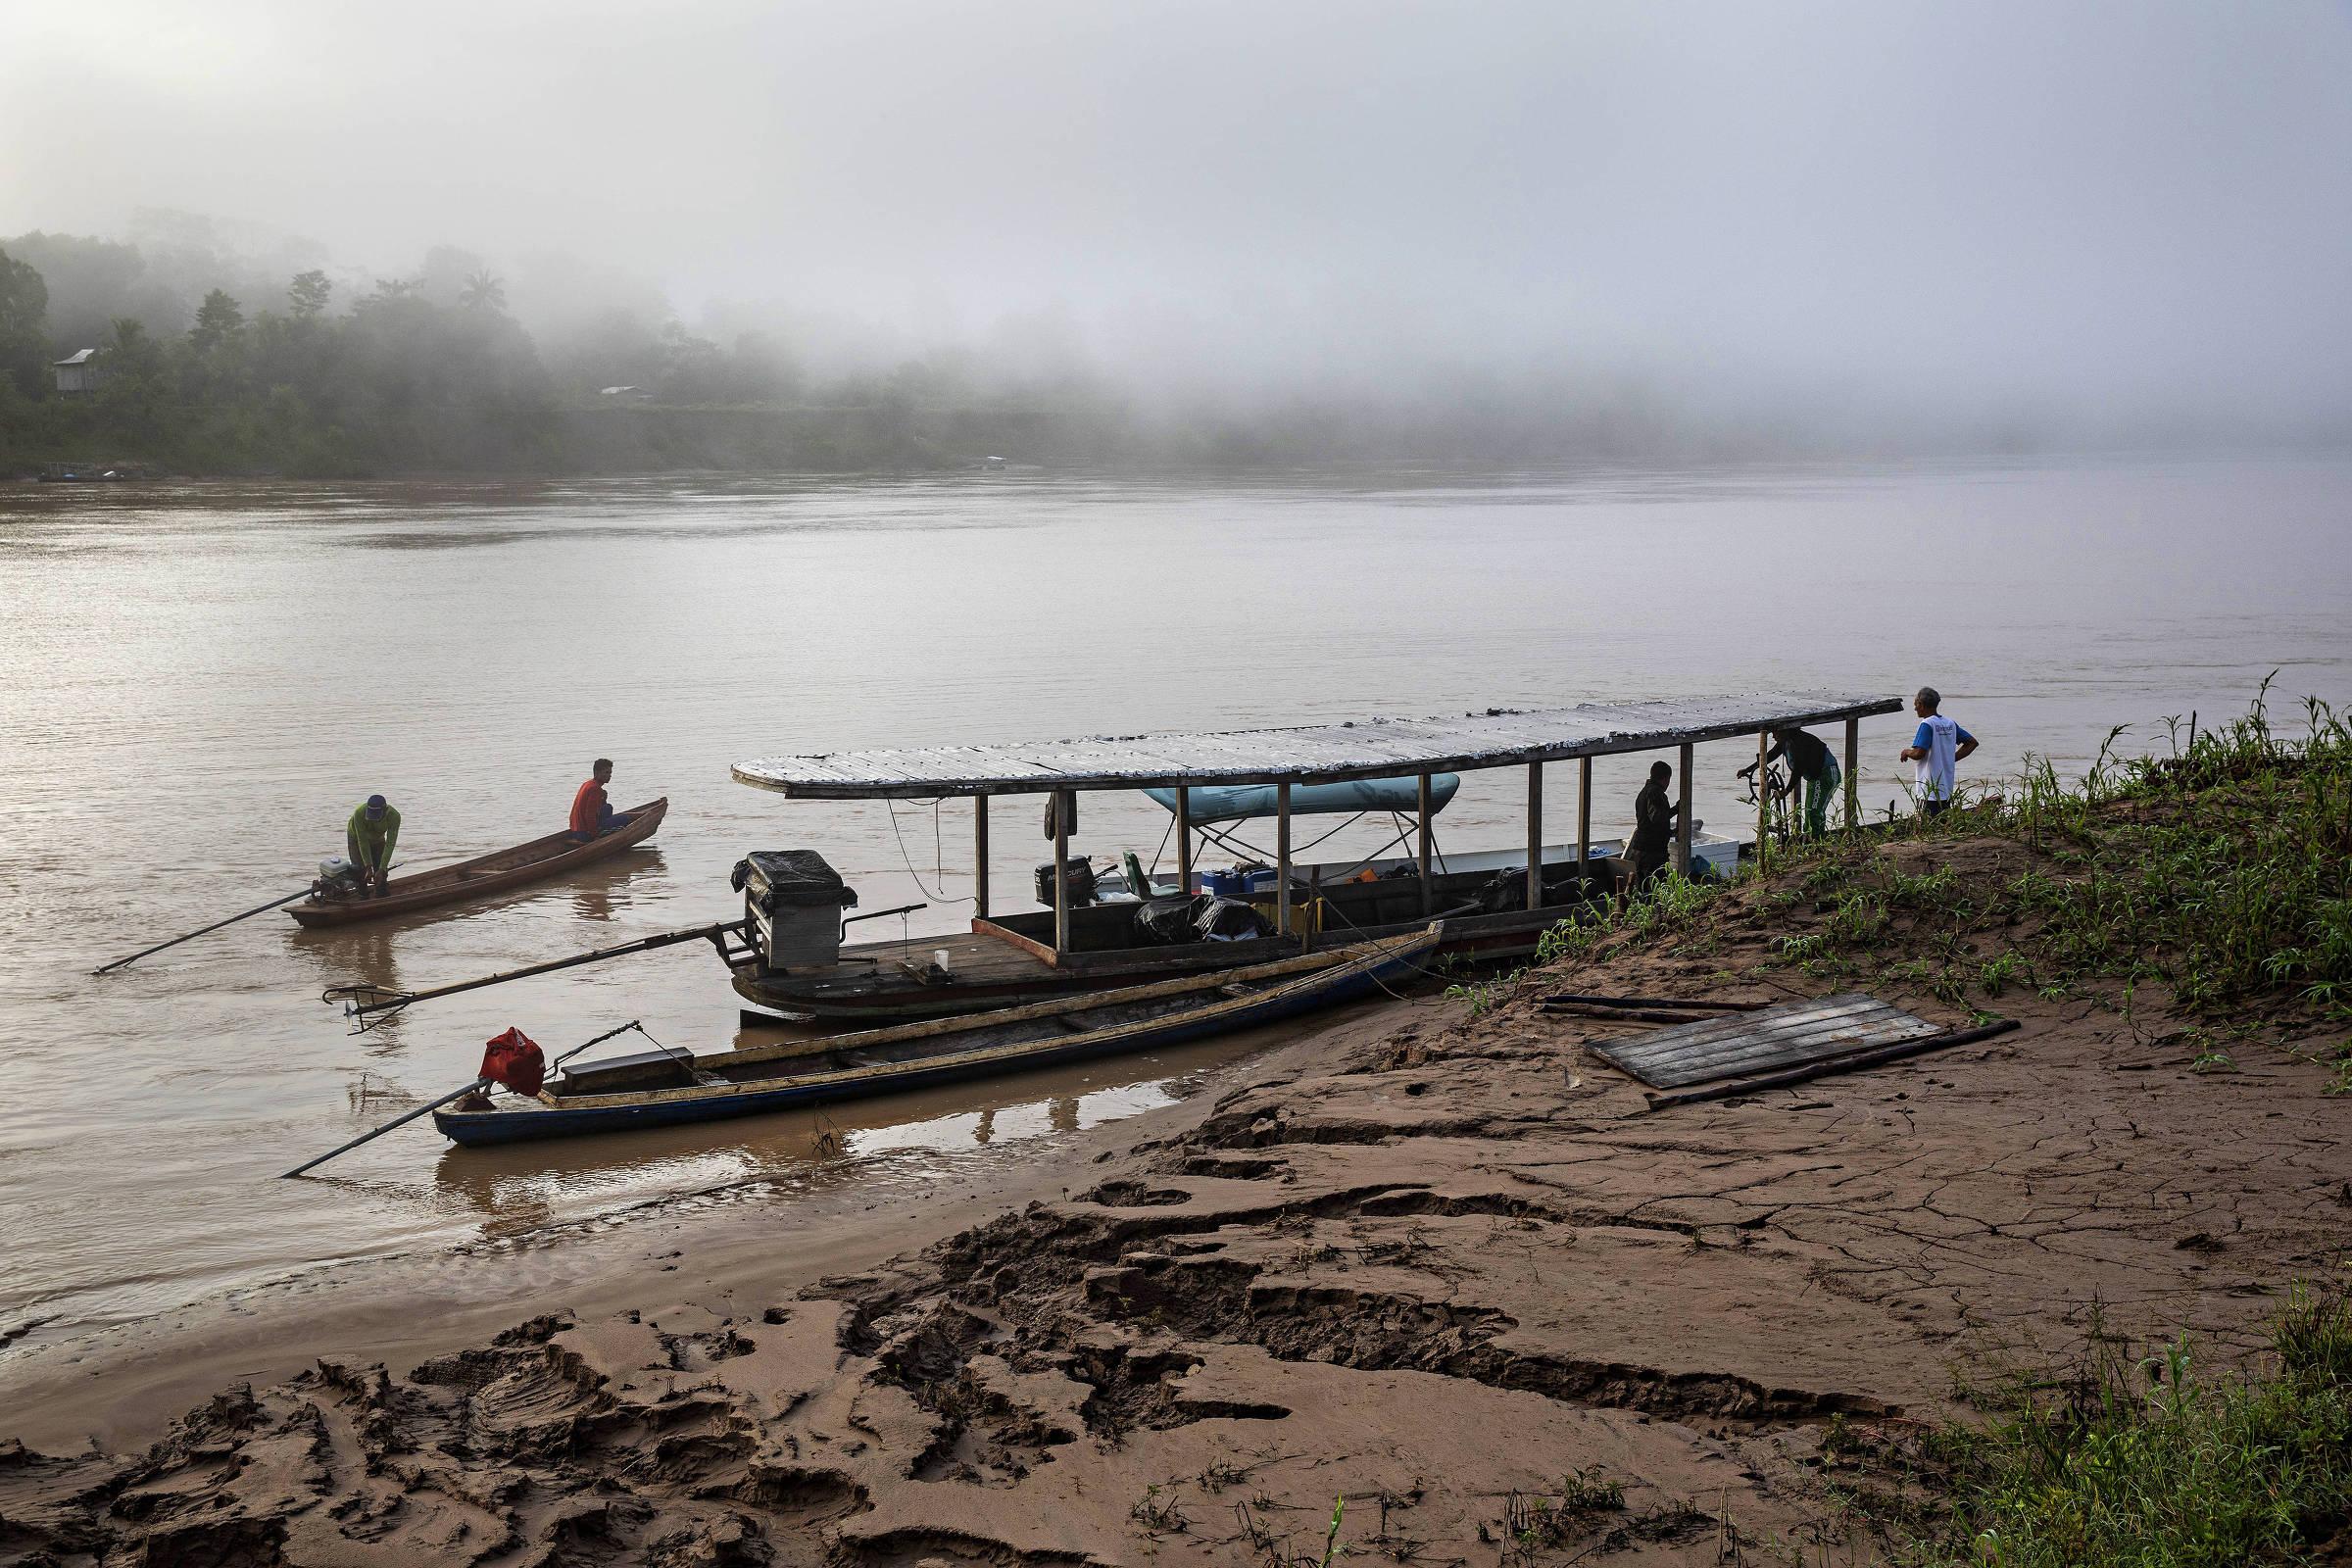 Movimentação de embarcações no rio Purus, em frente à comunidade Maracaju I, naa Reserva Extrativista Arapixi (AM)